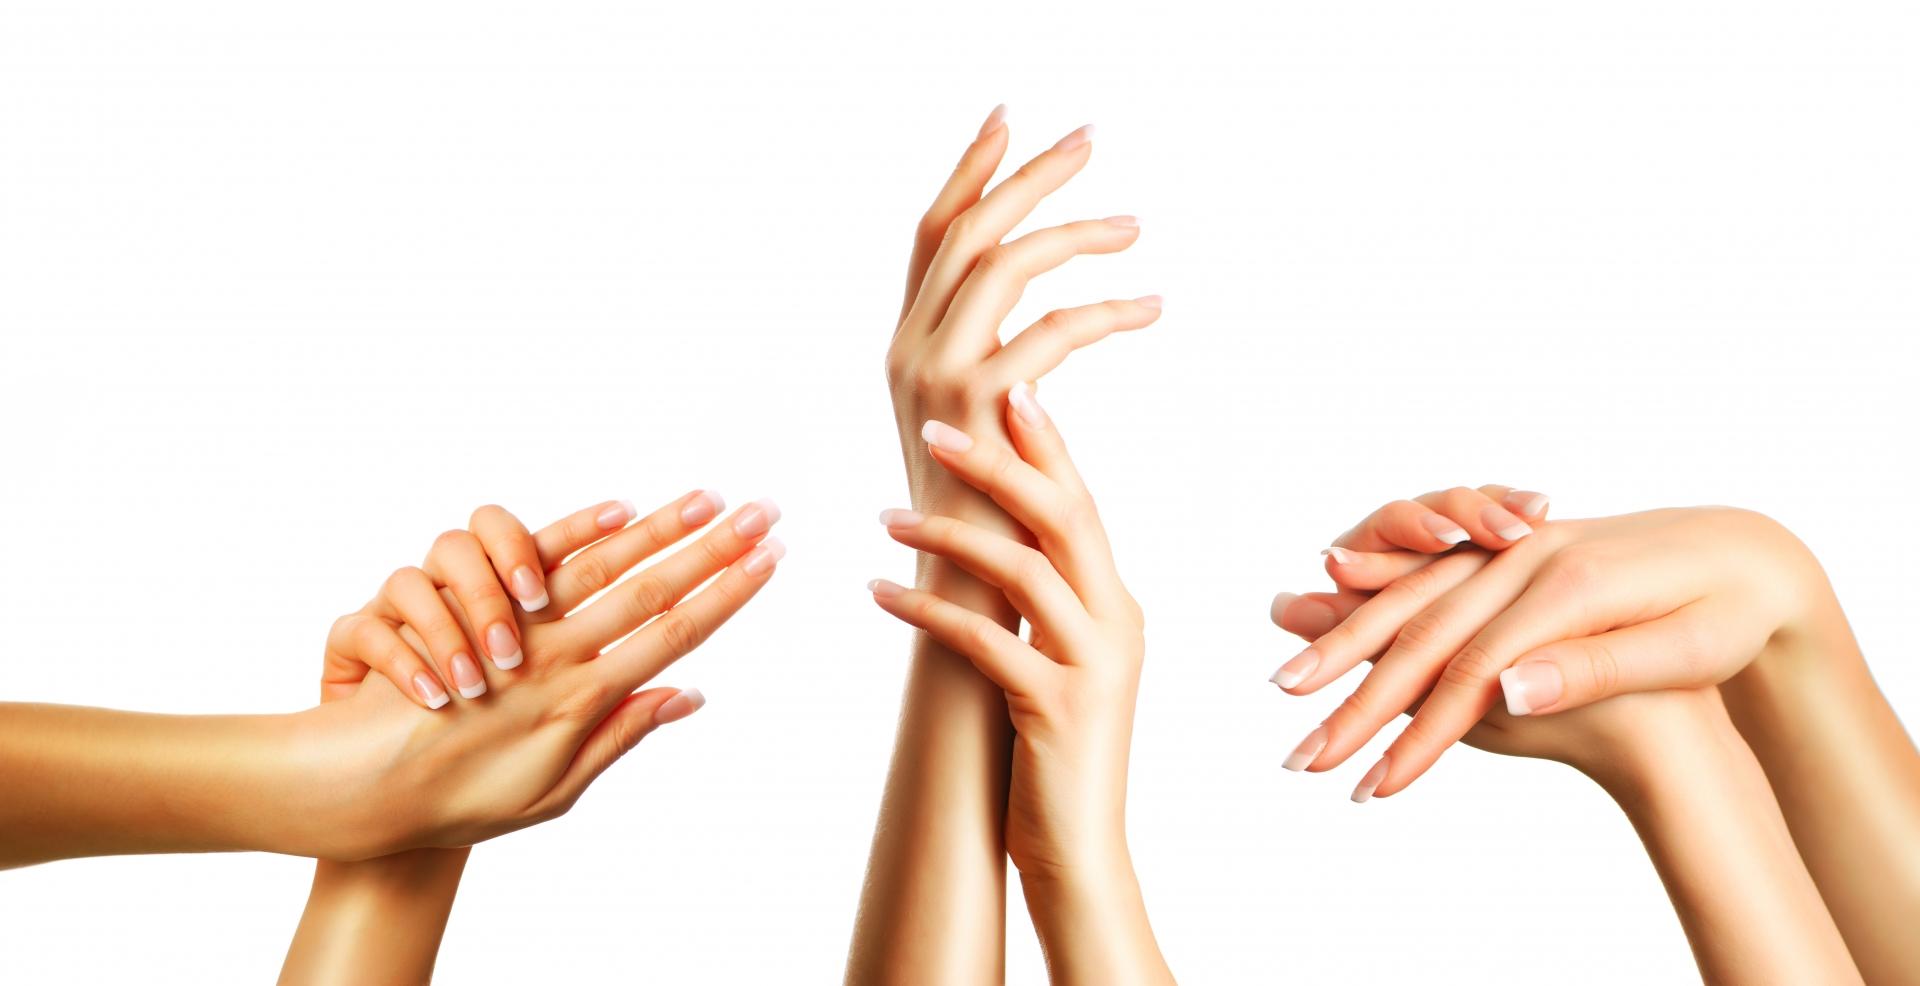 händer där naglarna har fransk manikyr